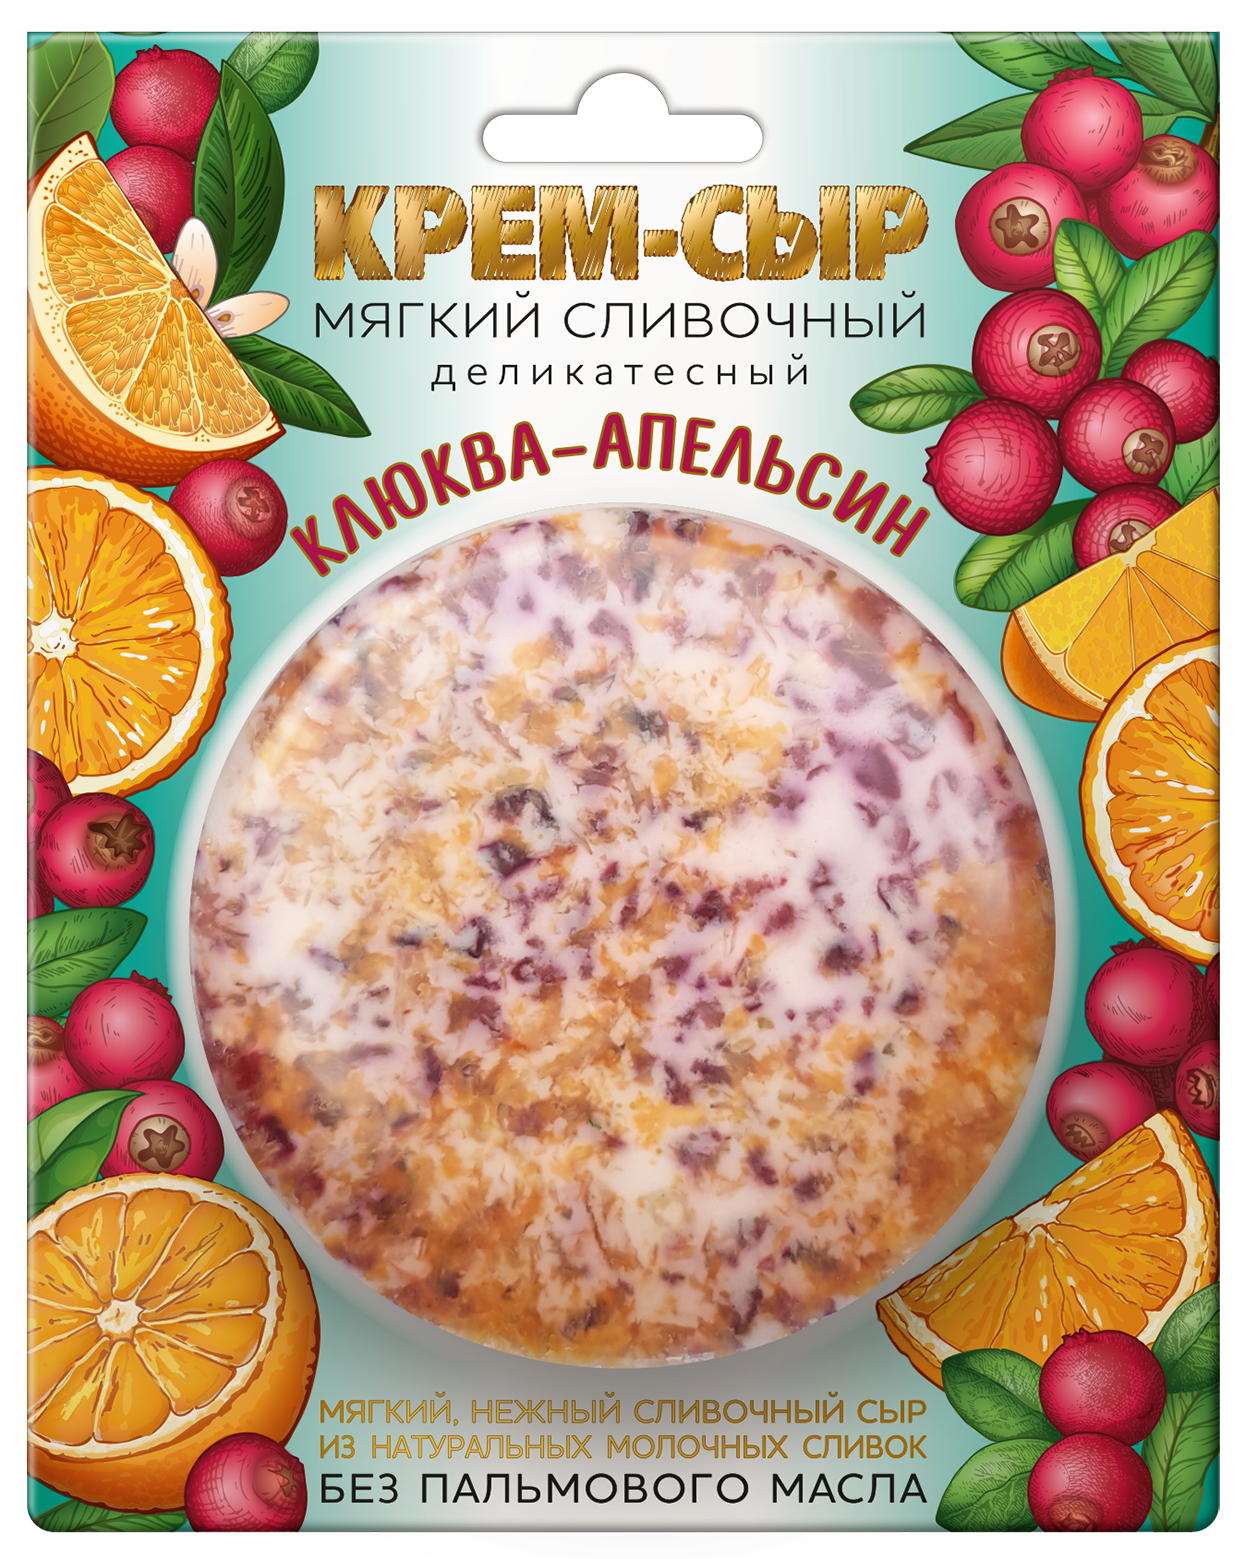 """Сыр мягкий сливочный """"КЛЮКВА - АПЕЛЬСИН""""120г"""